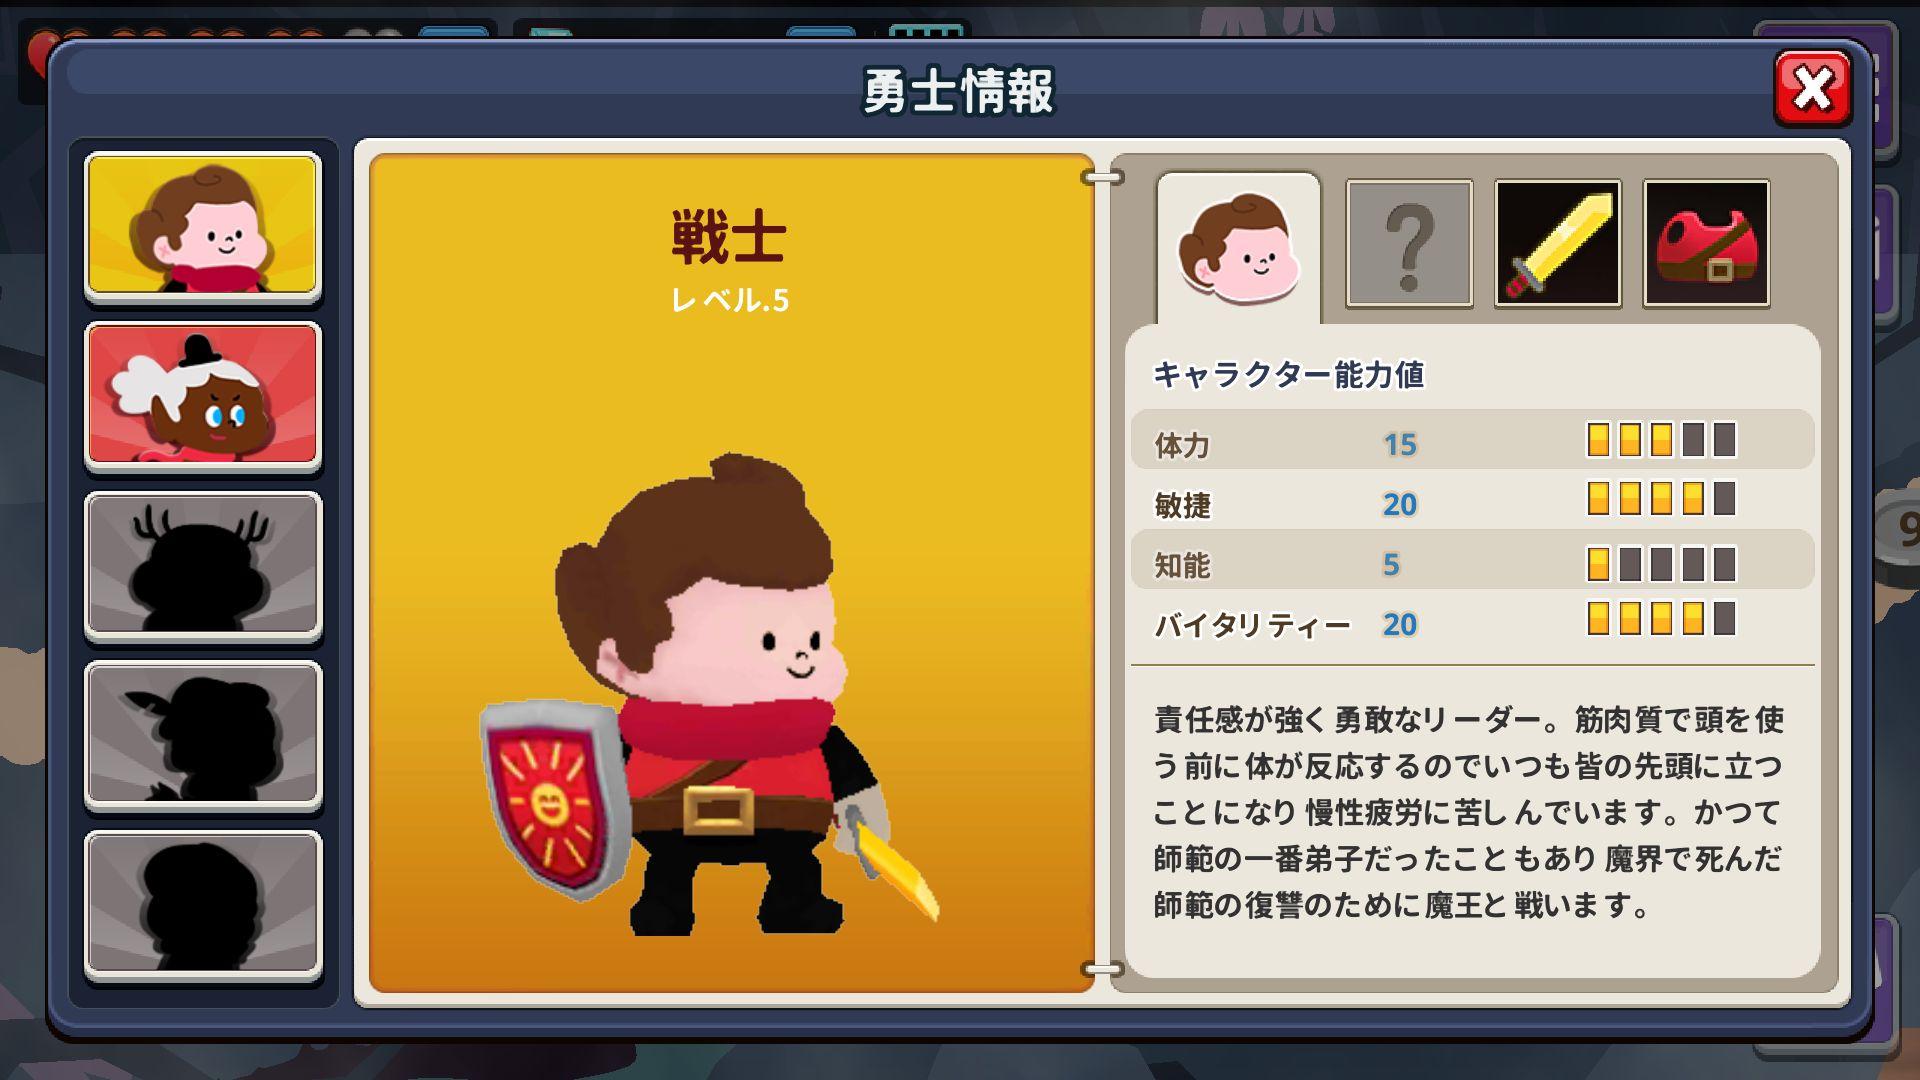 デビルディサイドトゥダイ androidアプリスクリーンショット3